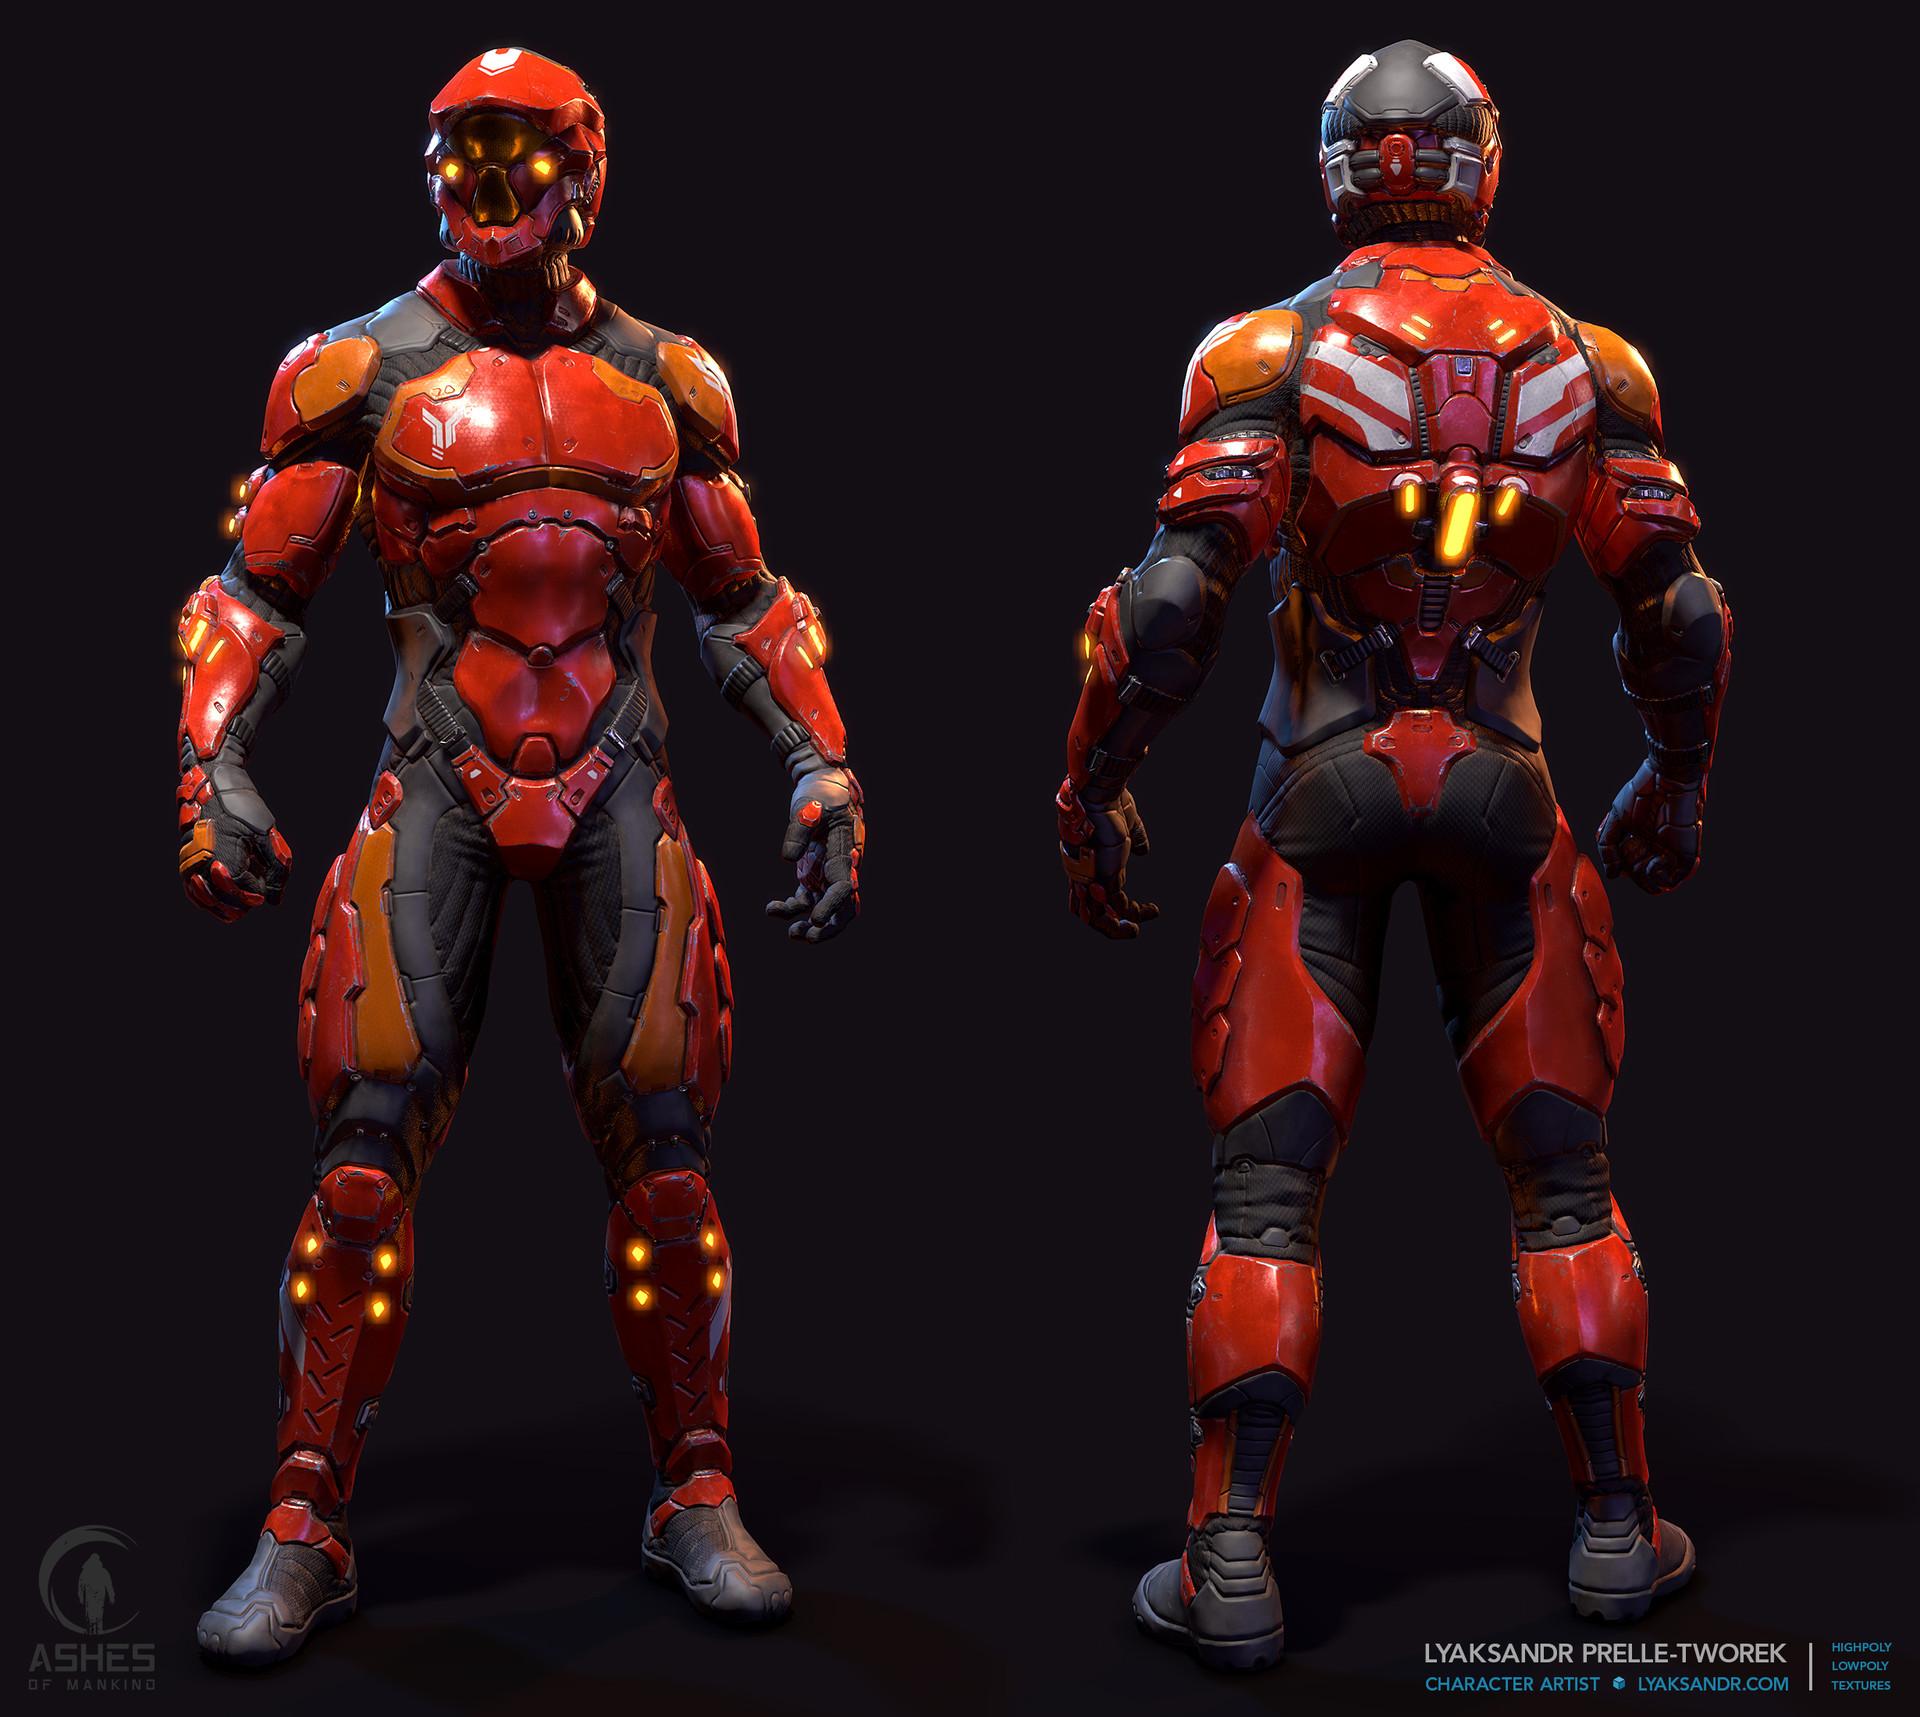 Lyaksandr prelle tworek aom eastern light armor martian marine